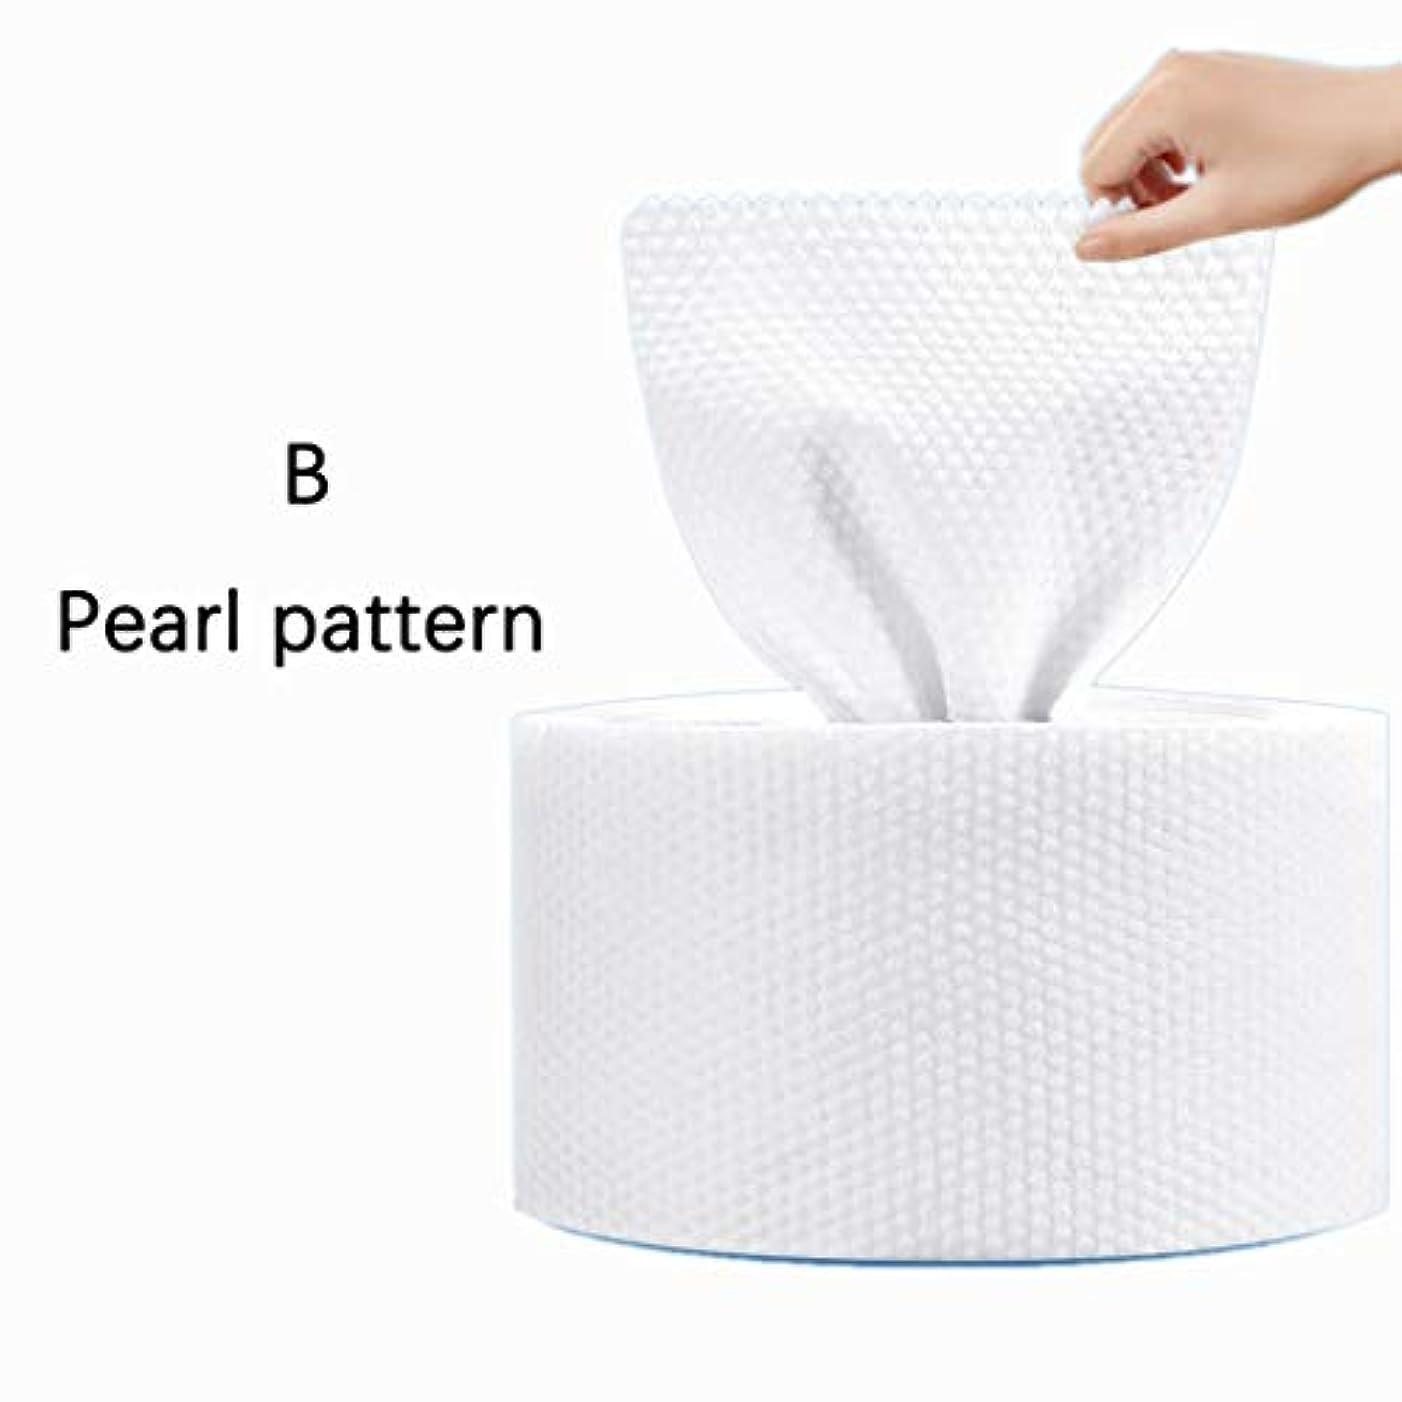 対象ブロンズ者女性のコットンパッド、ベッドルームバスルームメイクアップリムーバーフェイスタオルメイクアップ、化粧品クレンジング使い捨て洗濯コットン (Color : B)